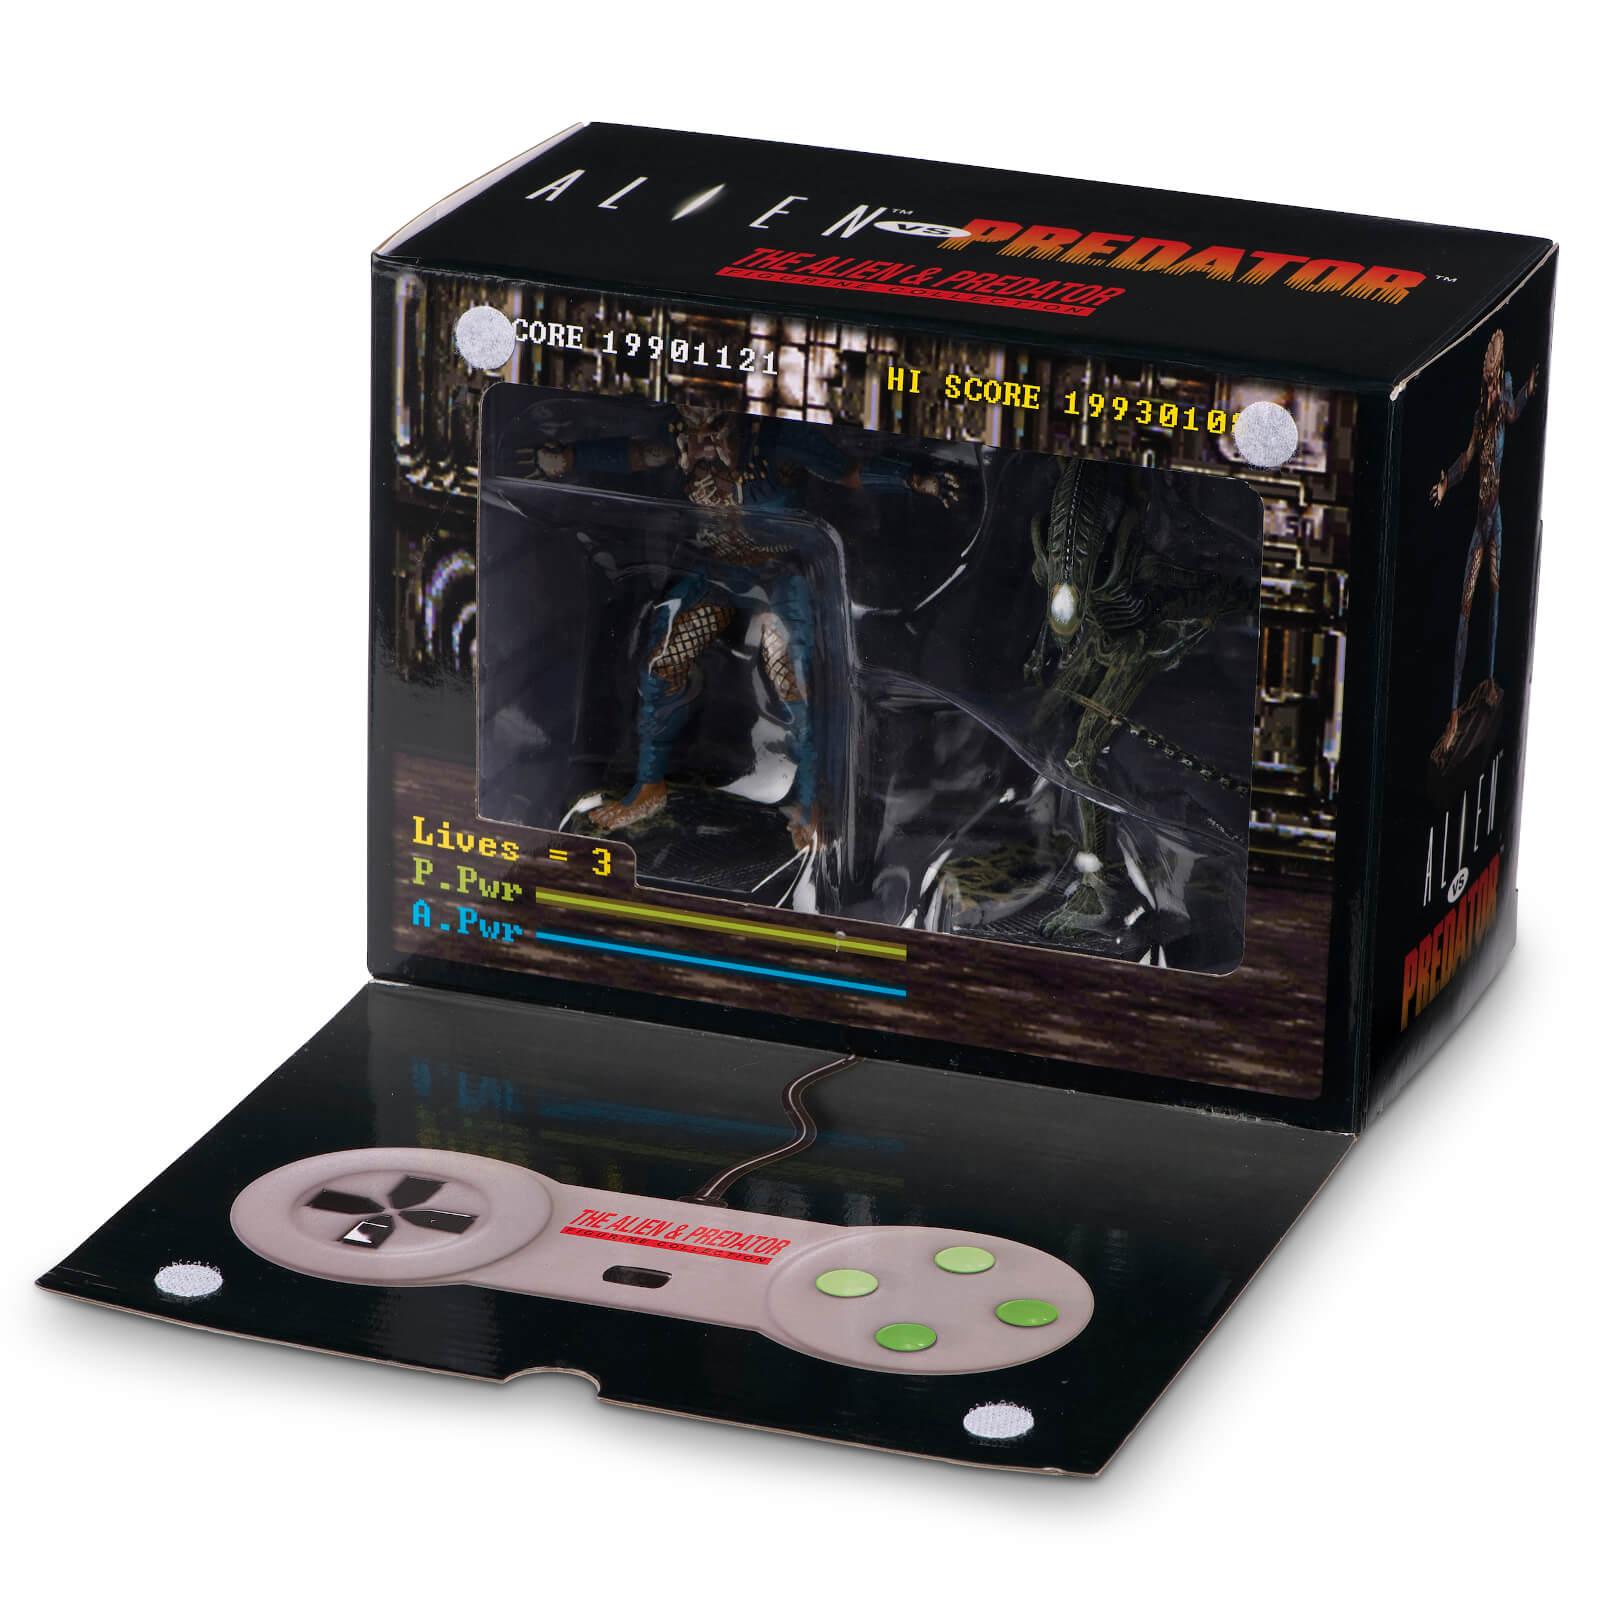 Pre-order Eaglemoss Alien v Predator Video Game Figurine 2-Pack Set (SNES Video Game Paint Variant) for £21.98 delivered @ Zavvi